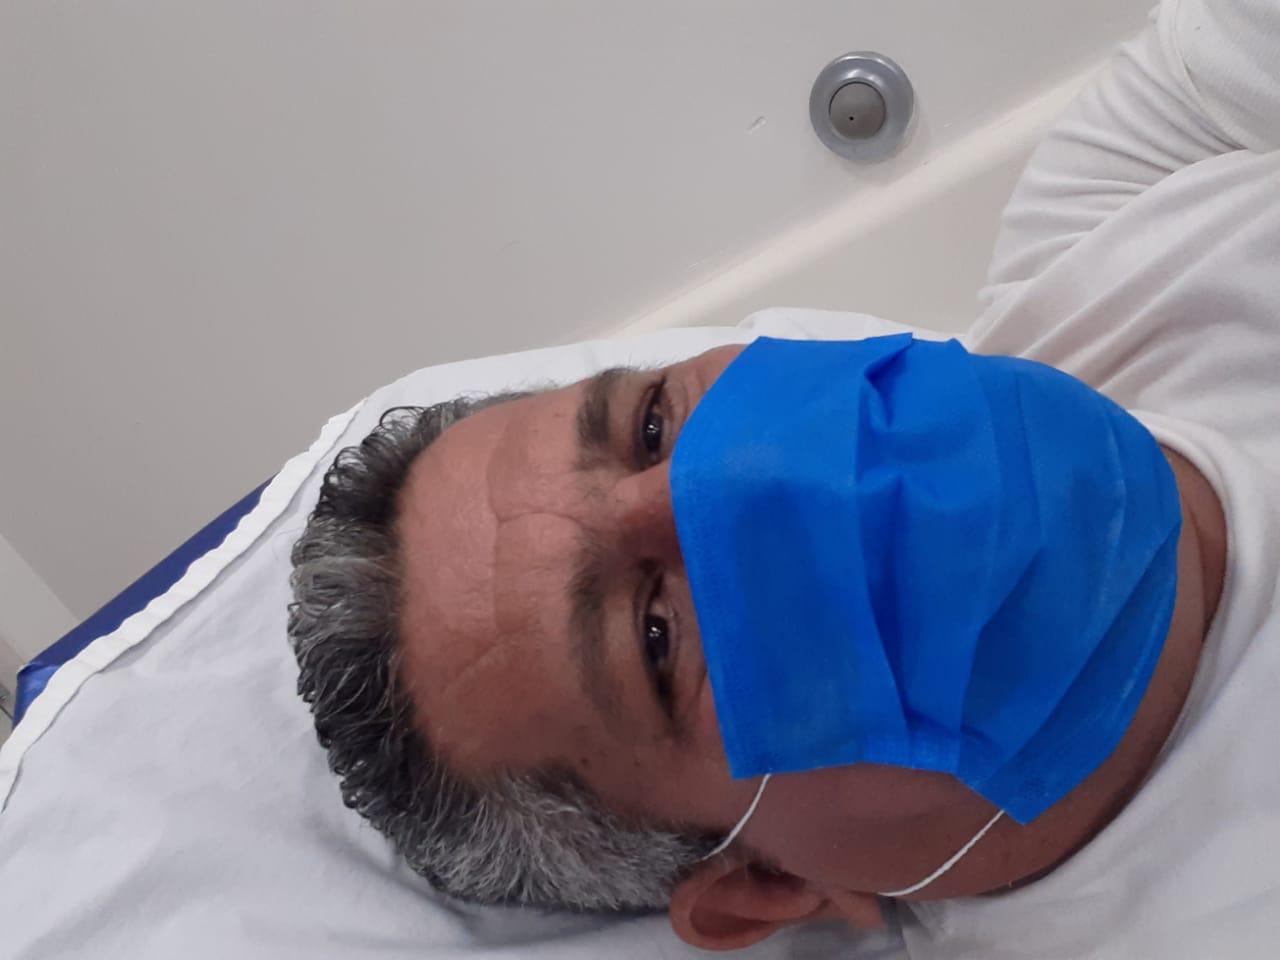 Periodista Emiliano Chamorro, con síntomas de COVID-19, llama a los nicaragüenses a «ayudar otras personas que atraviesan esta crisis de salud publica». Foto: Cortesía / Artículo 66